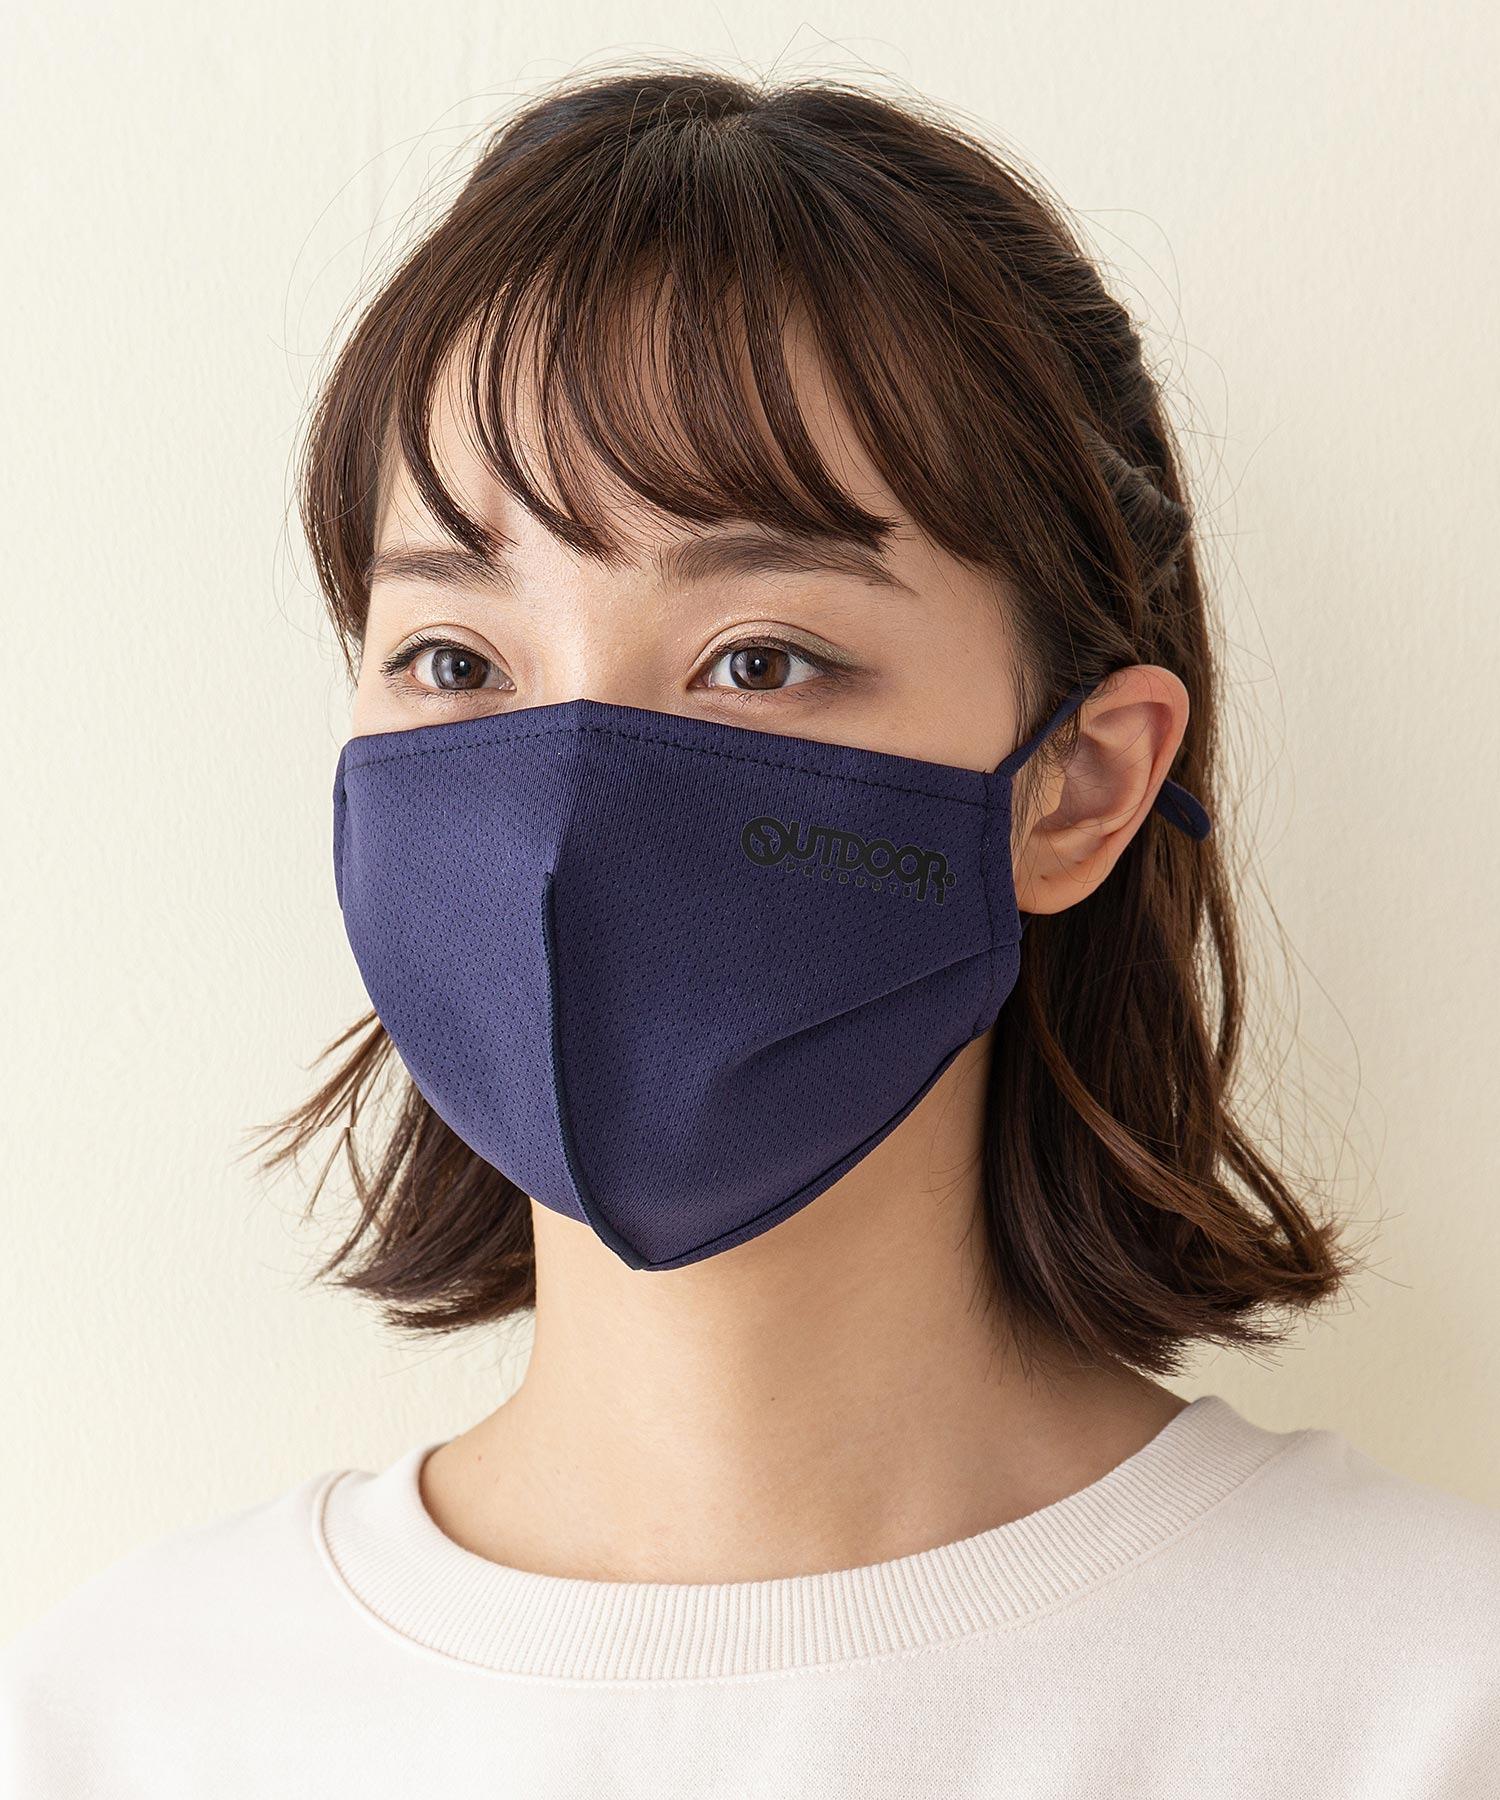 立体ロゴマウスカバー 撥水素材  伸縮性素材 消臭効果 耳紐アジャスター付 ノーズワイヤー入り  男女兼用 マスク